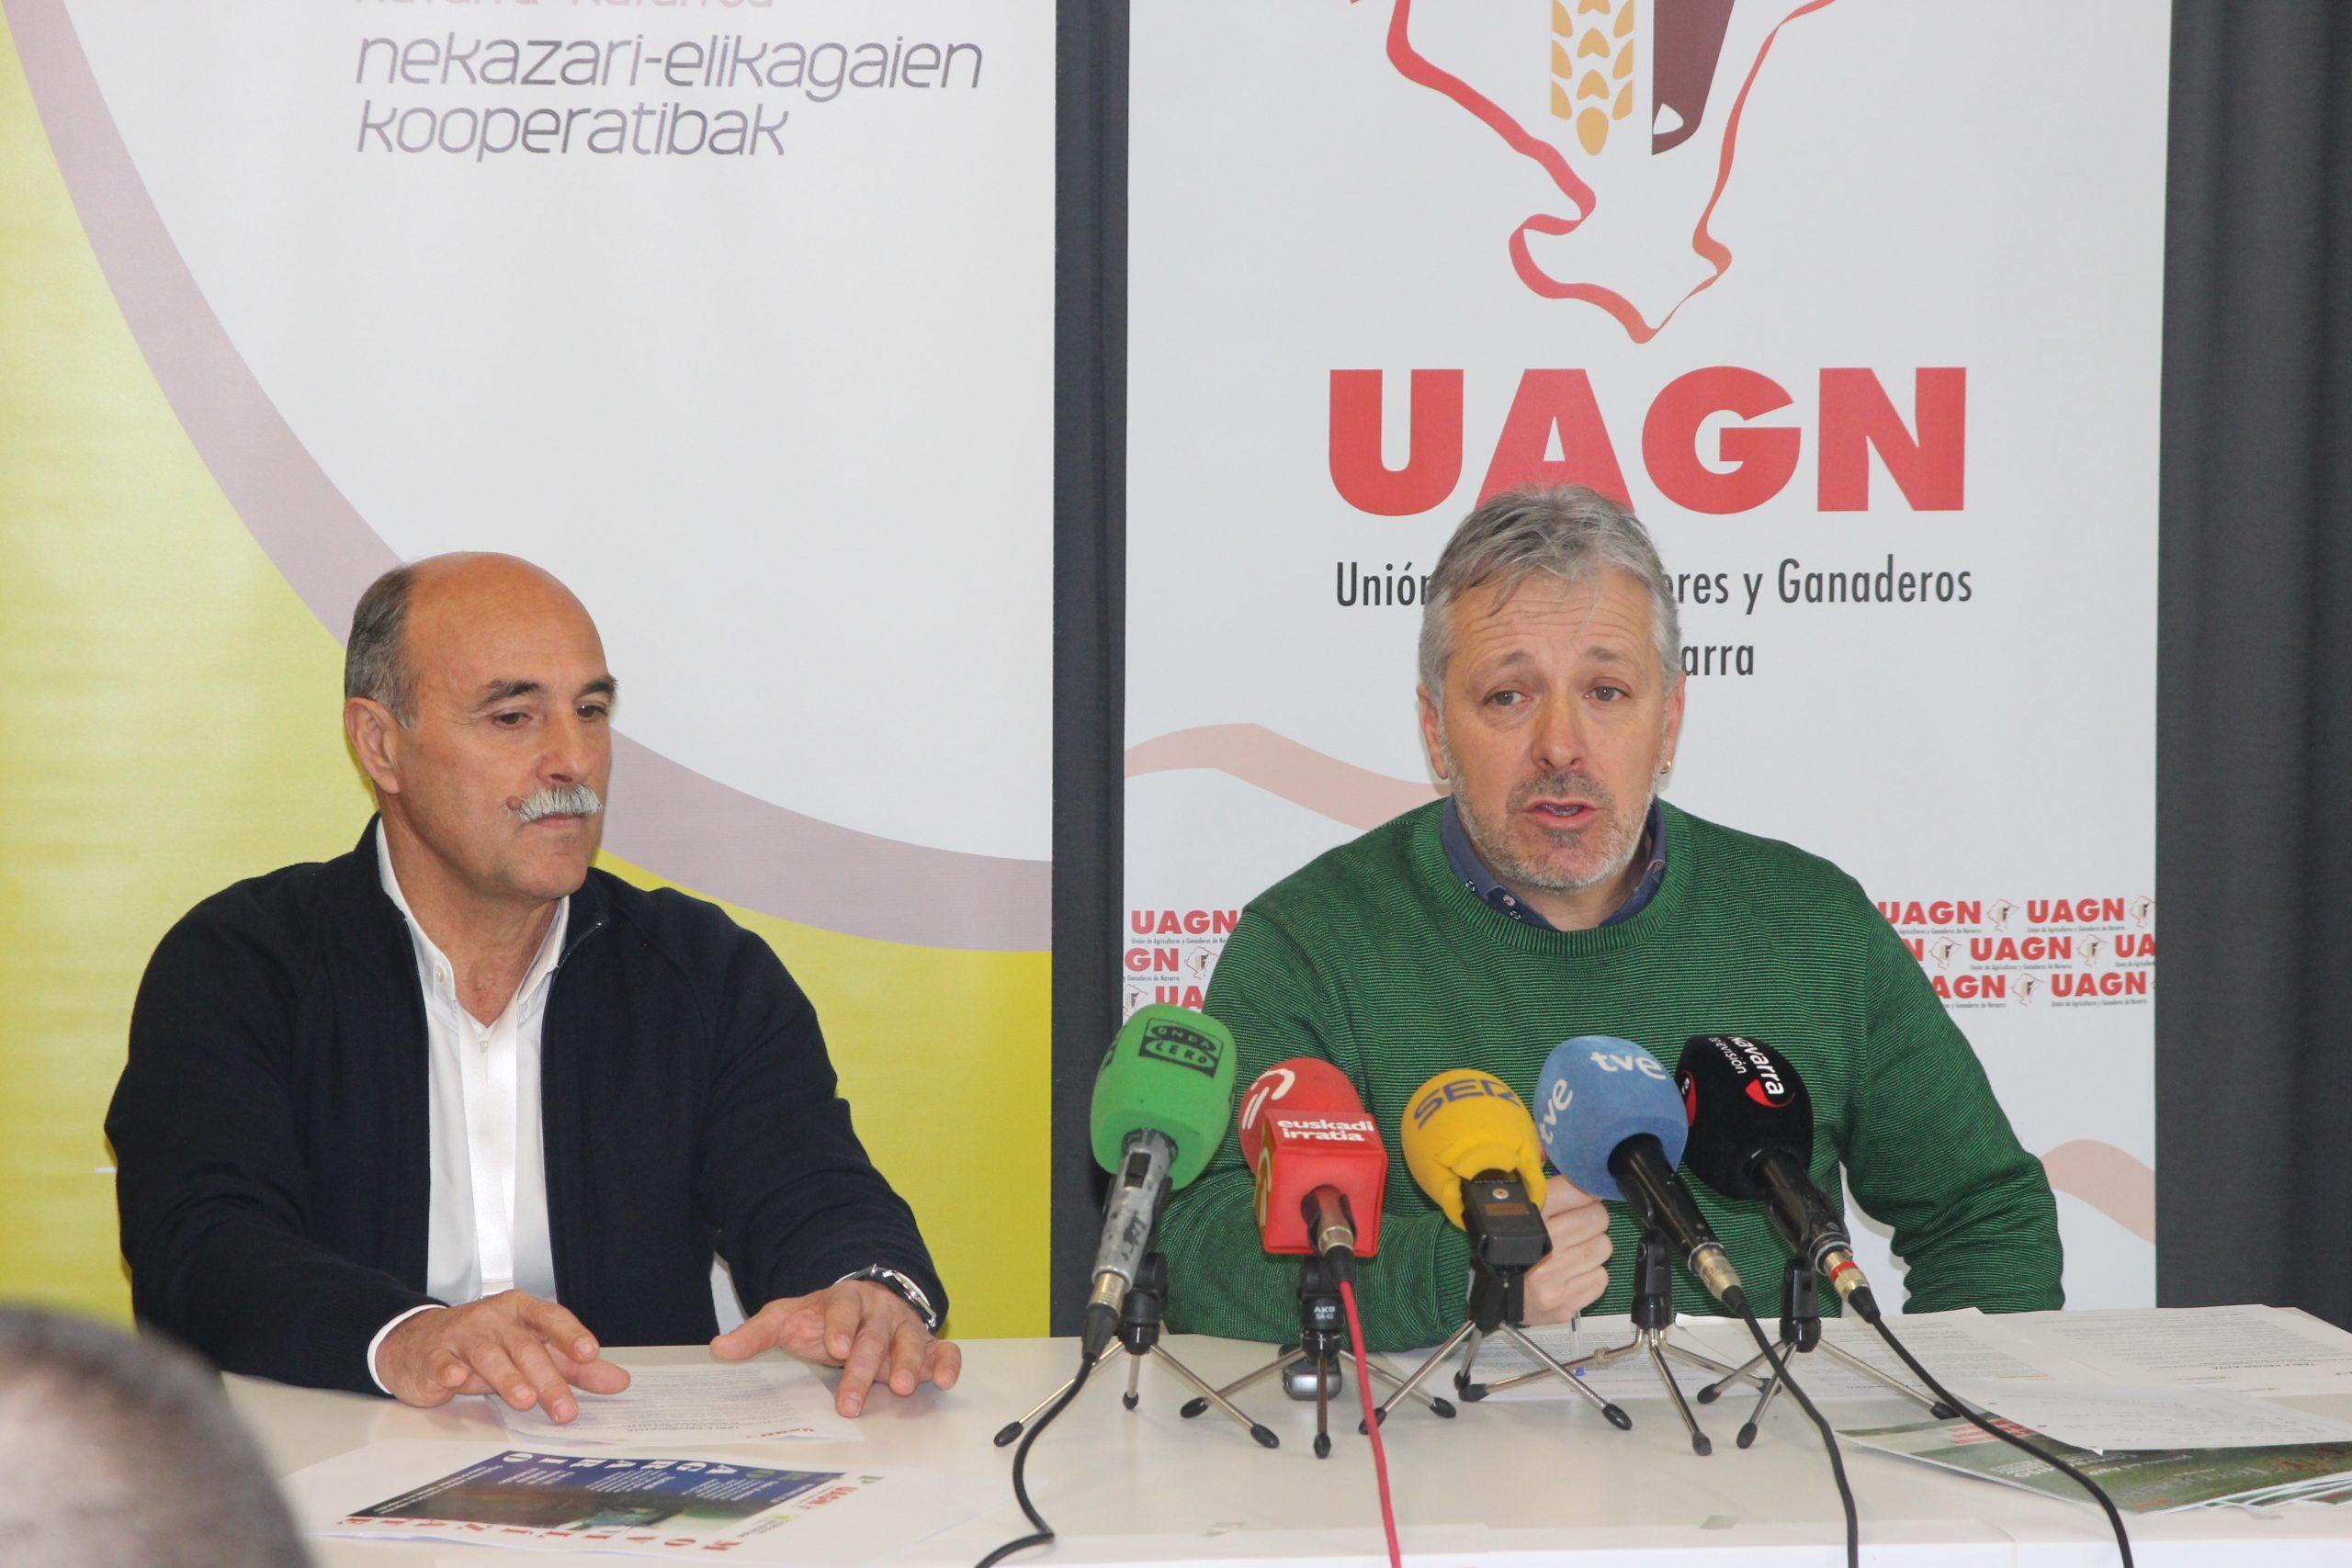 UAGN y UCAN anuncian en rueda de prensa la manifestación del 19 de febrero